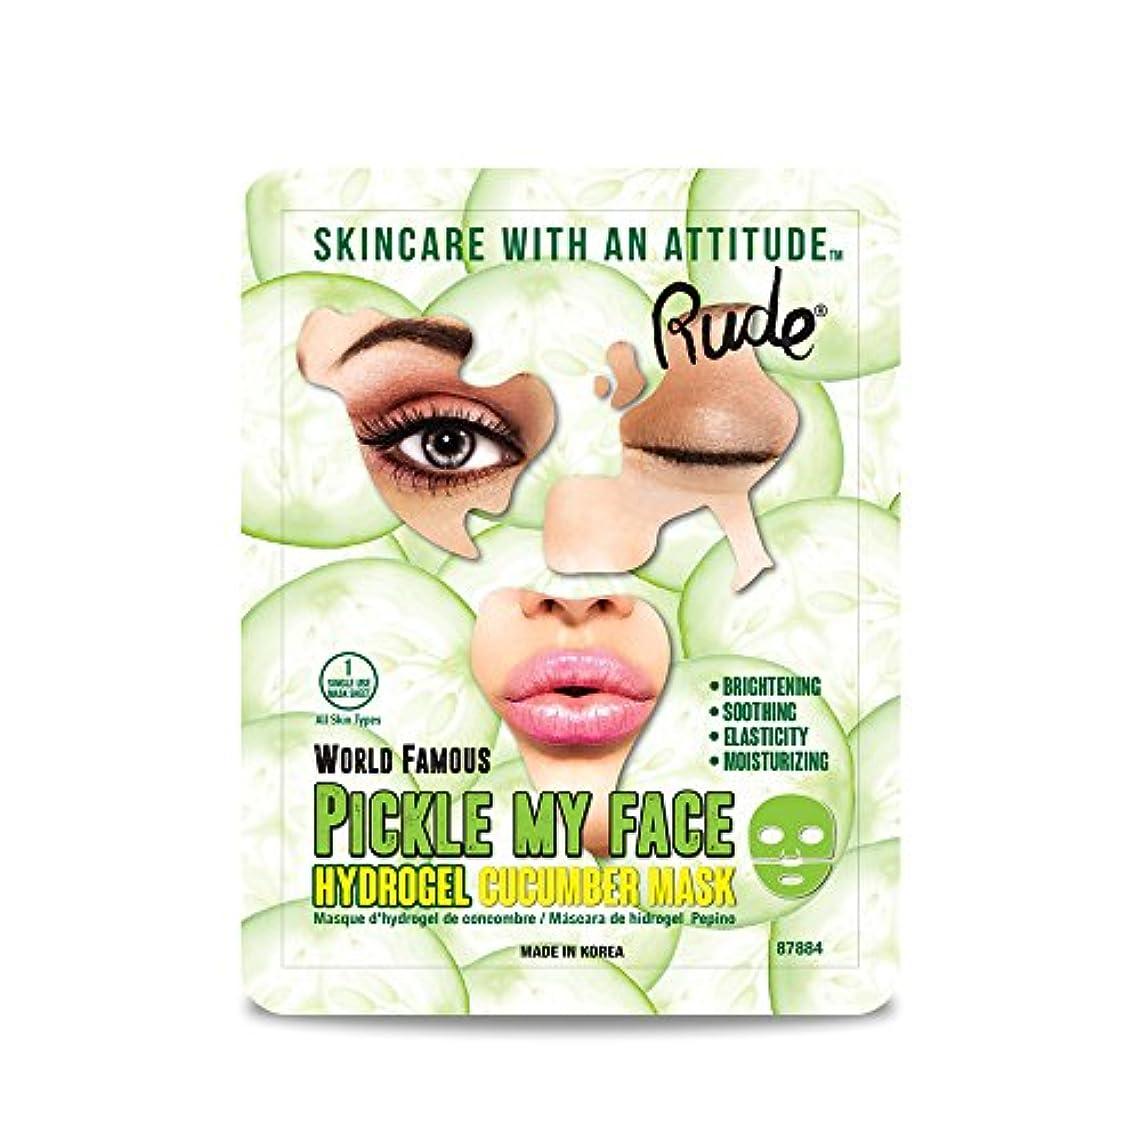 議論する症候群ステップ(3 Pack) RUDE Pickle My Face Hydrogel Cucumber Mask (並行輸入品)